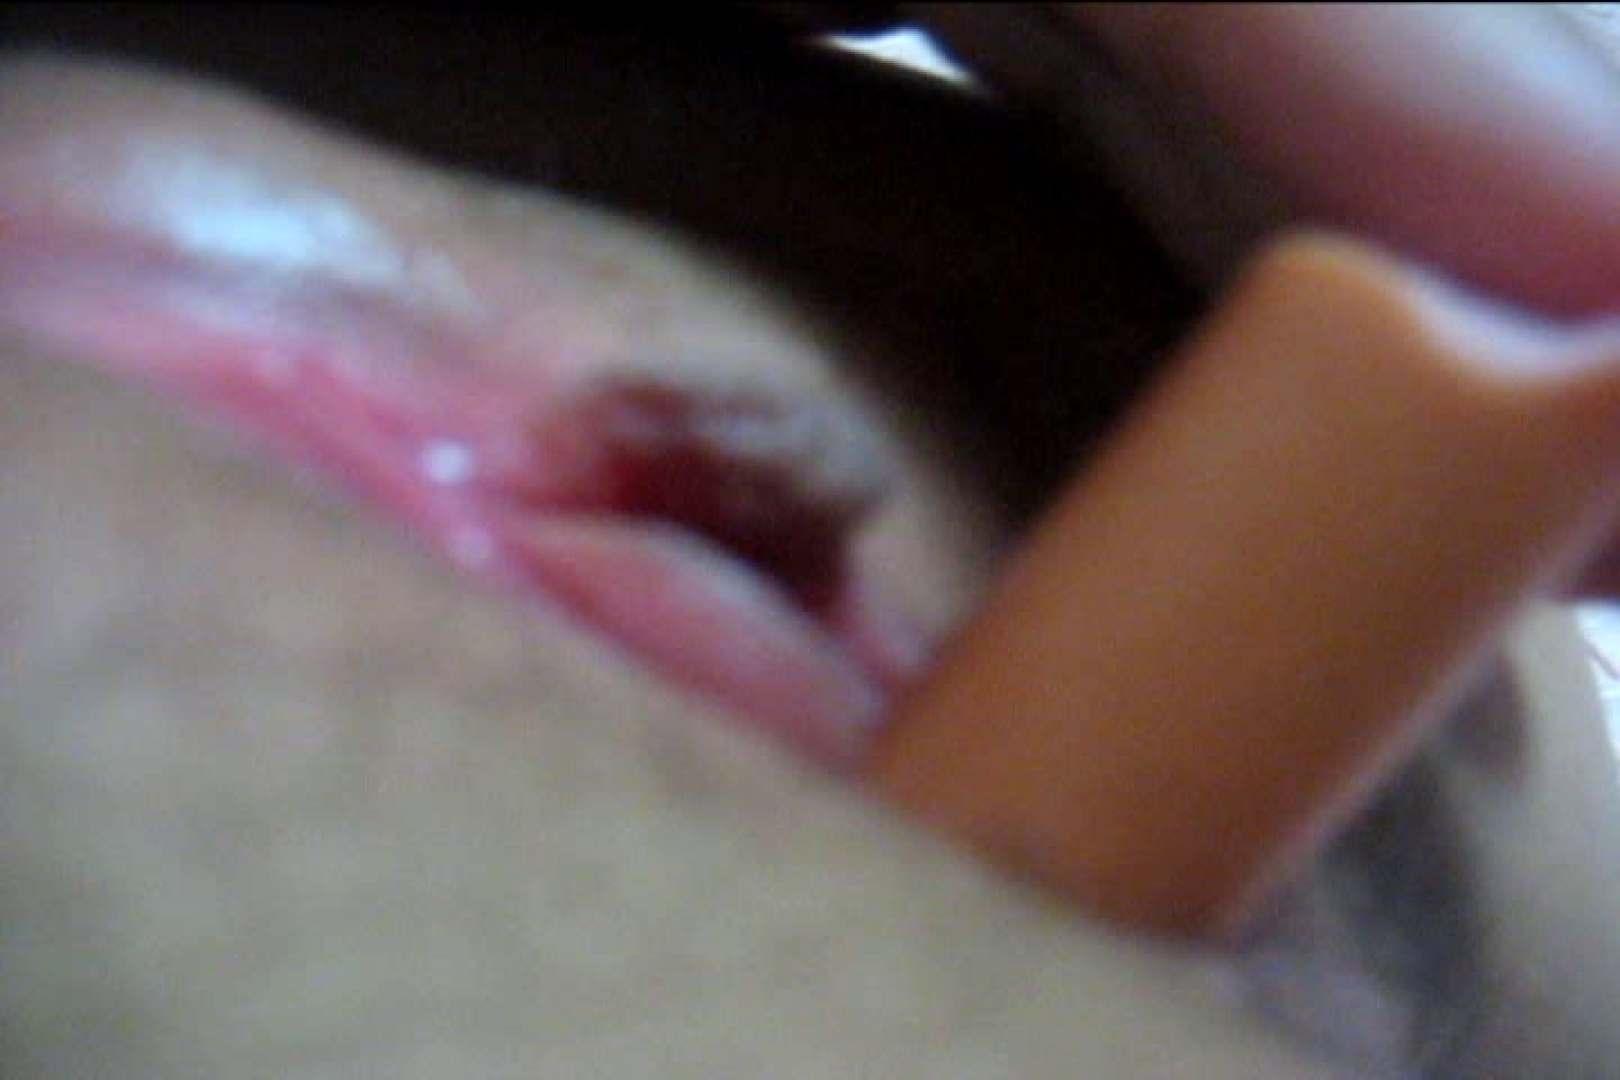 コリアン素人流出シリーズ 変態美少女の自我撮りマン弄り 無修正マンコ 隠し撮りオマンコ動画紹介 61PIX 47